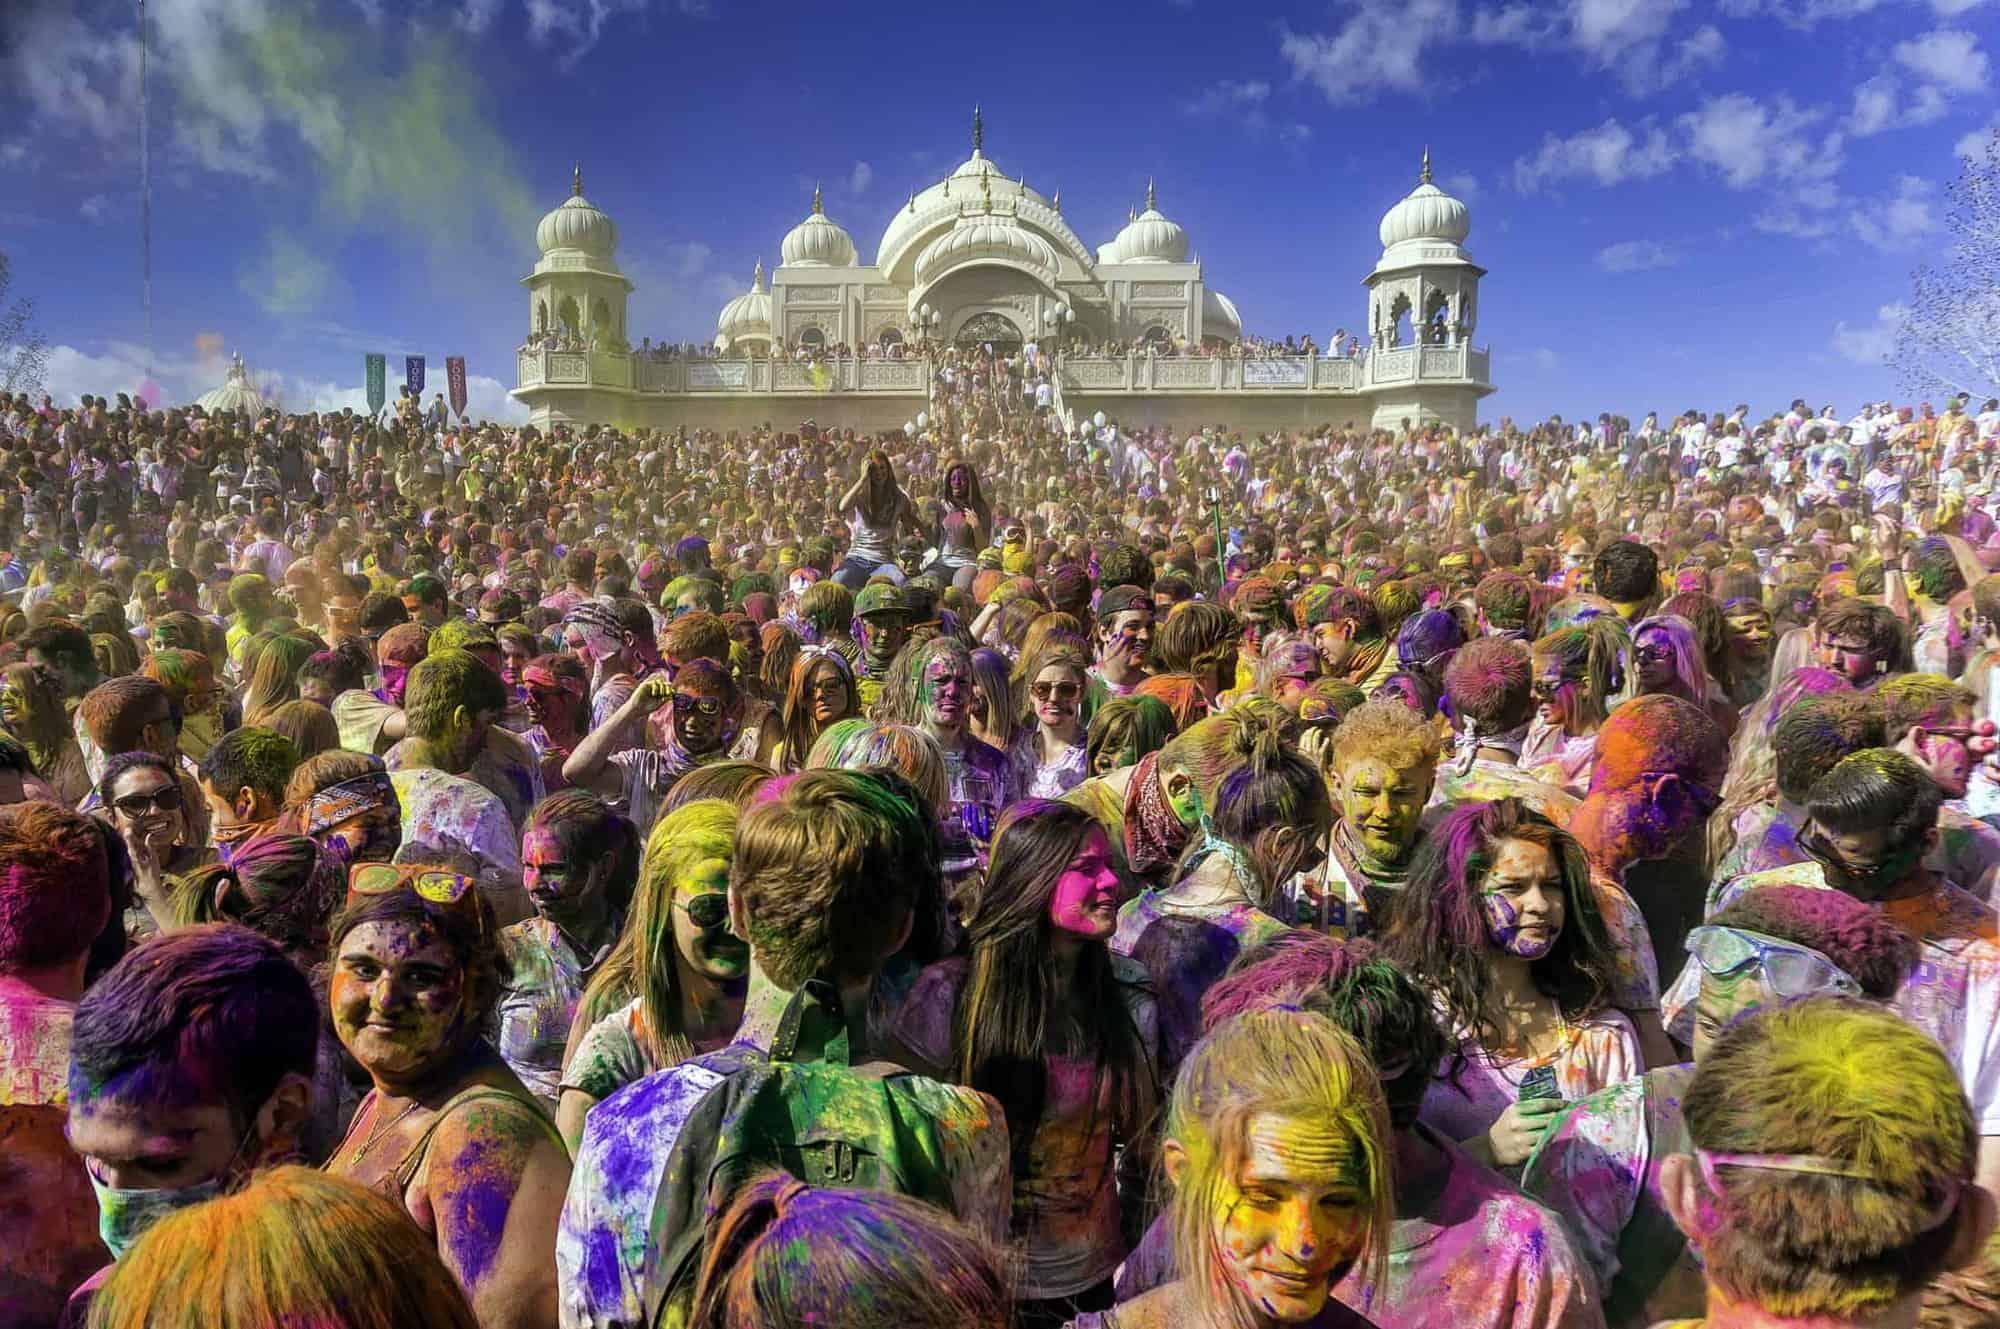 10 प्रसिद्ध और सबसे लोकप्रिय भारतीय त्यौहार